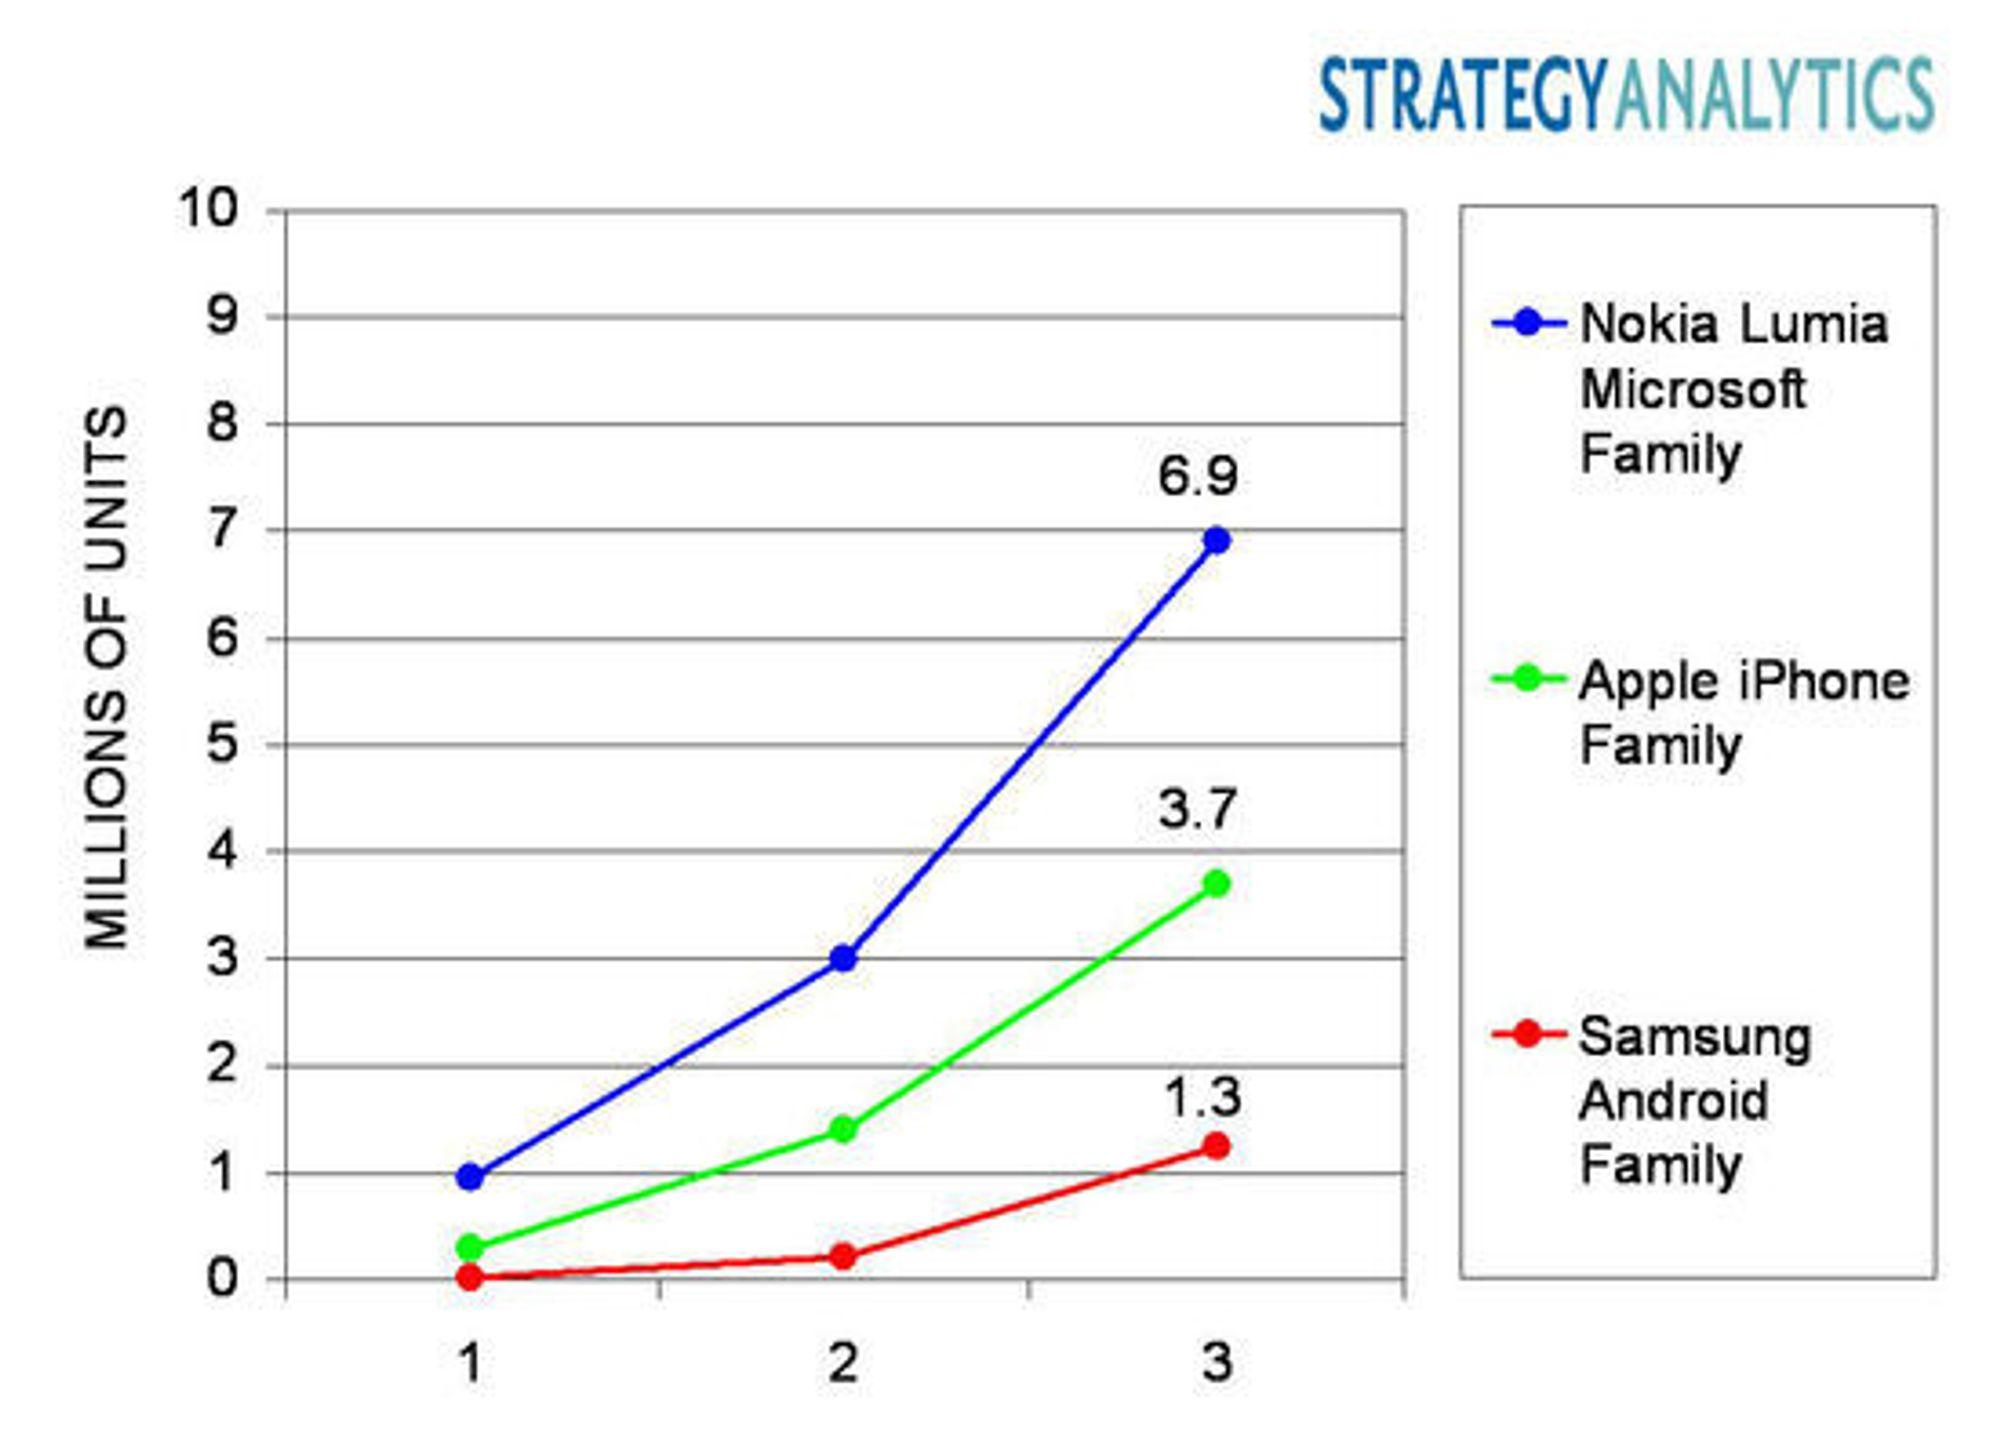 Salgstall for Nokia Lumia-mobiler, Apple iPhone og Samsungs Android-mobiler de tre første kvartaler etter introduksjon på markedet.